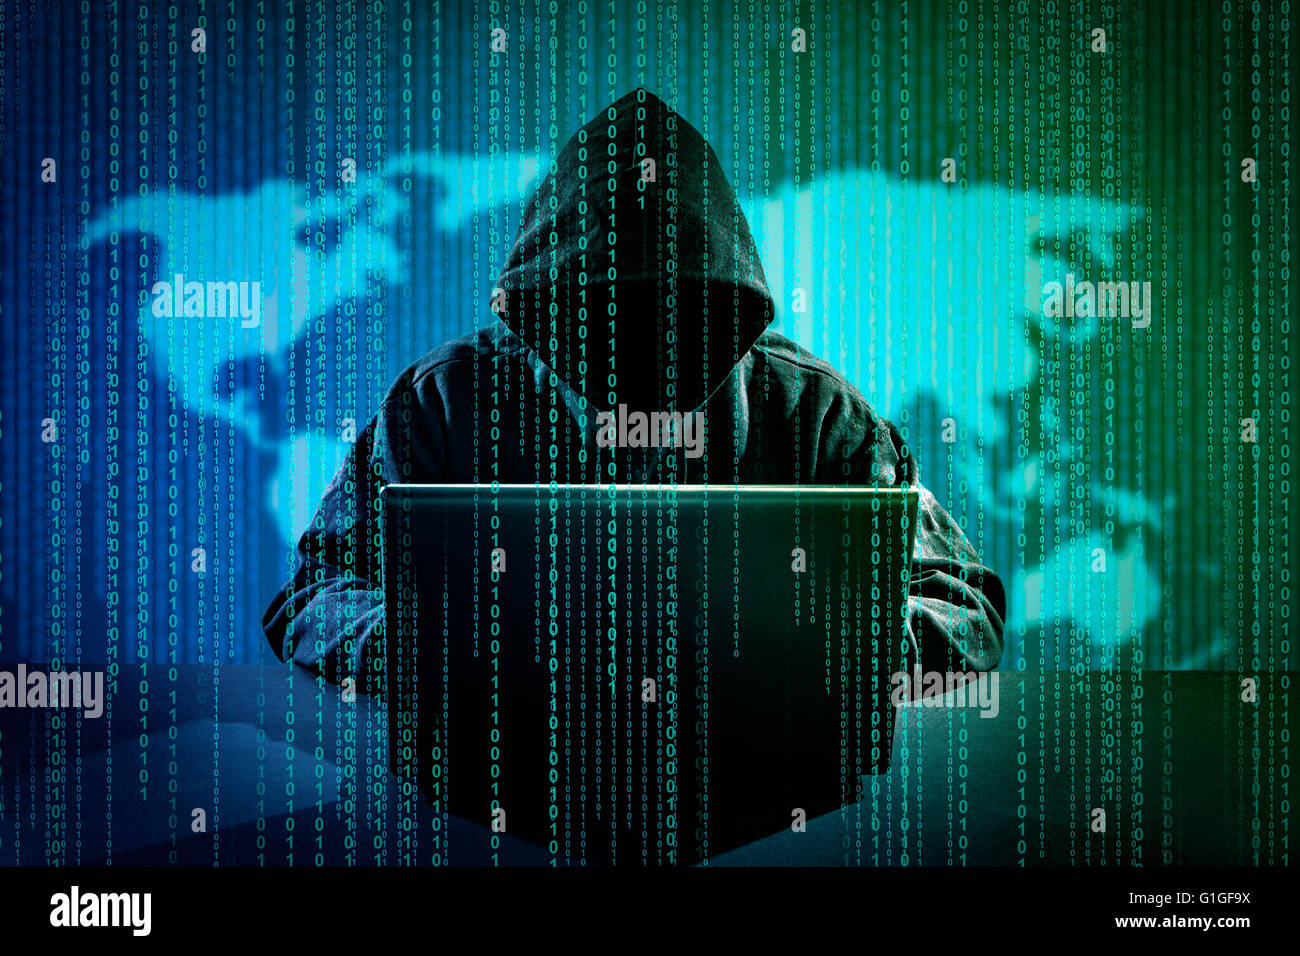 Hacker using laptop. Hacking the Internet. - Stock Image